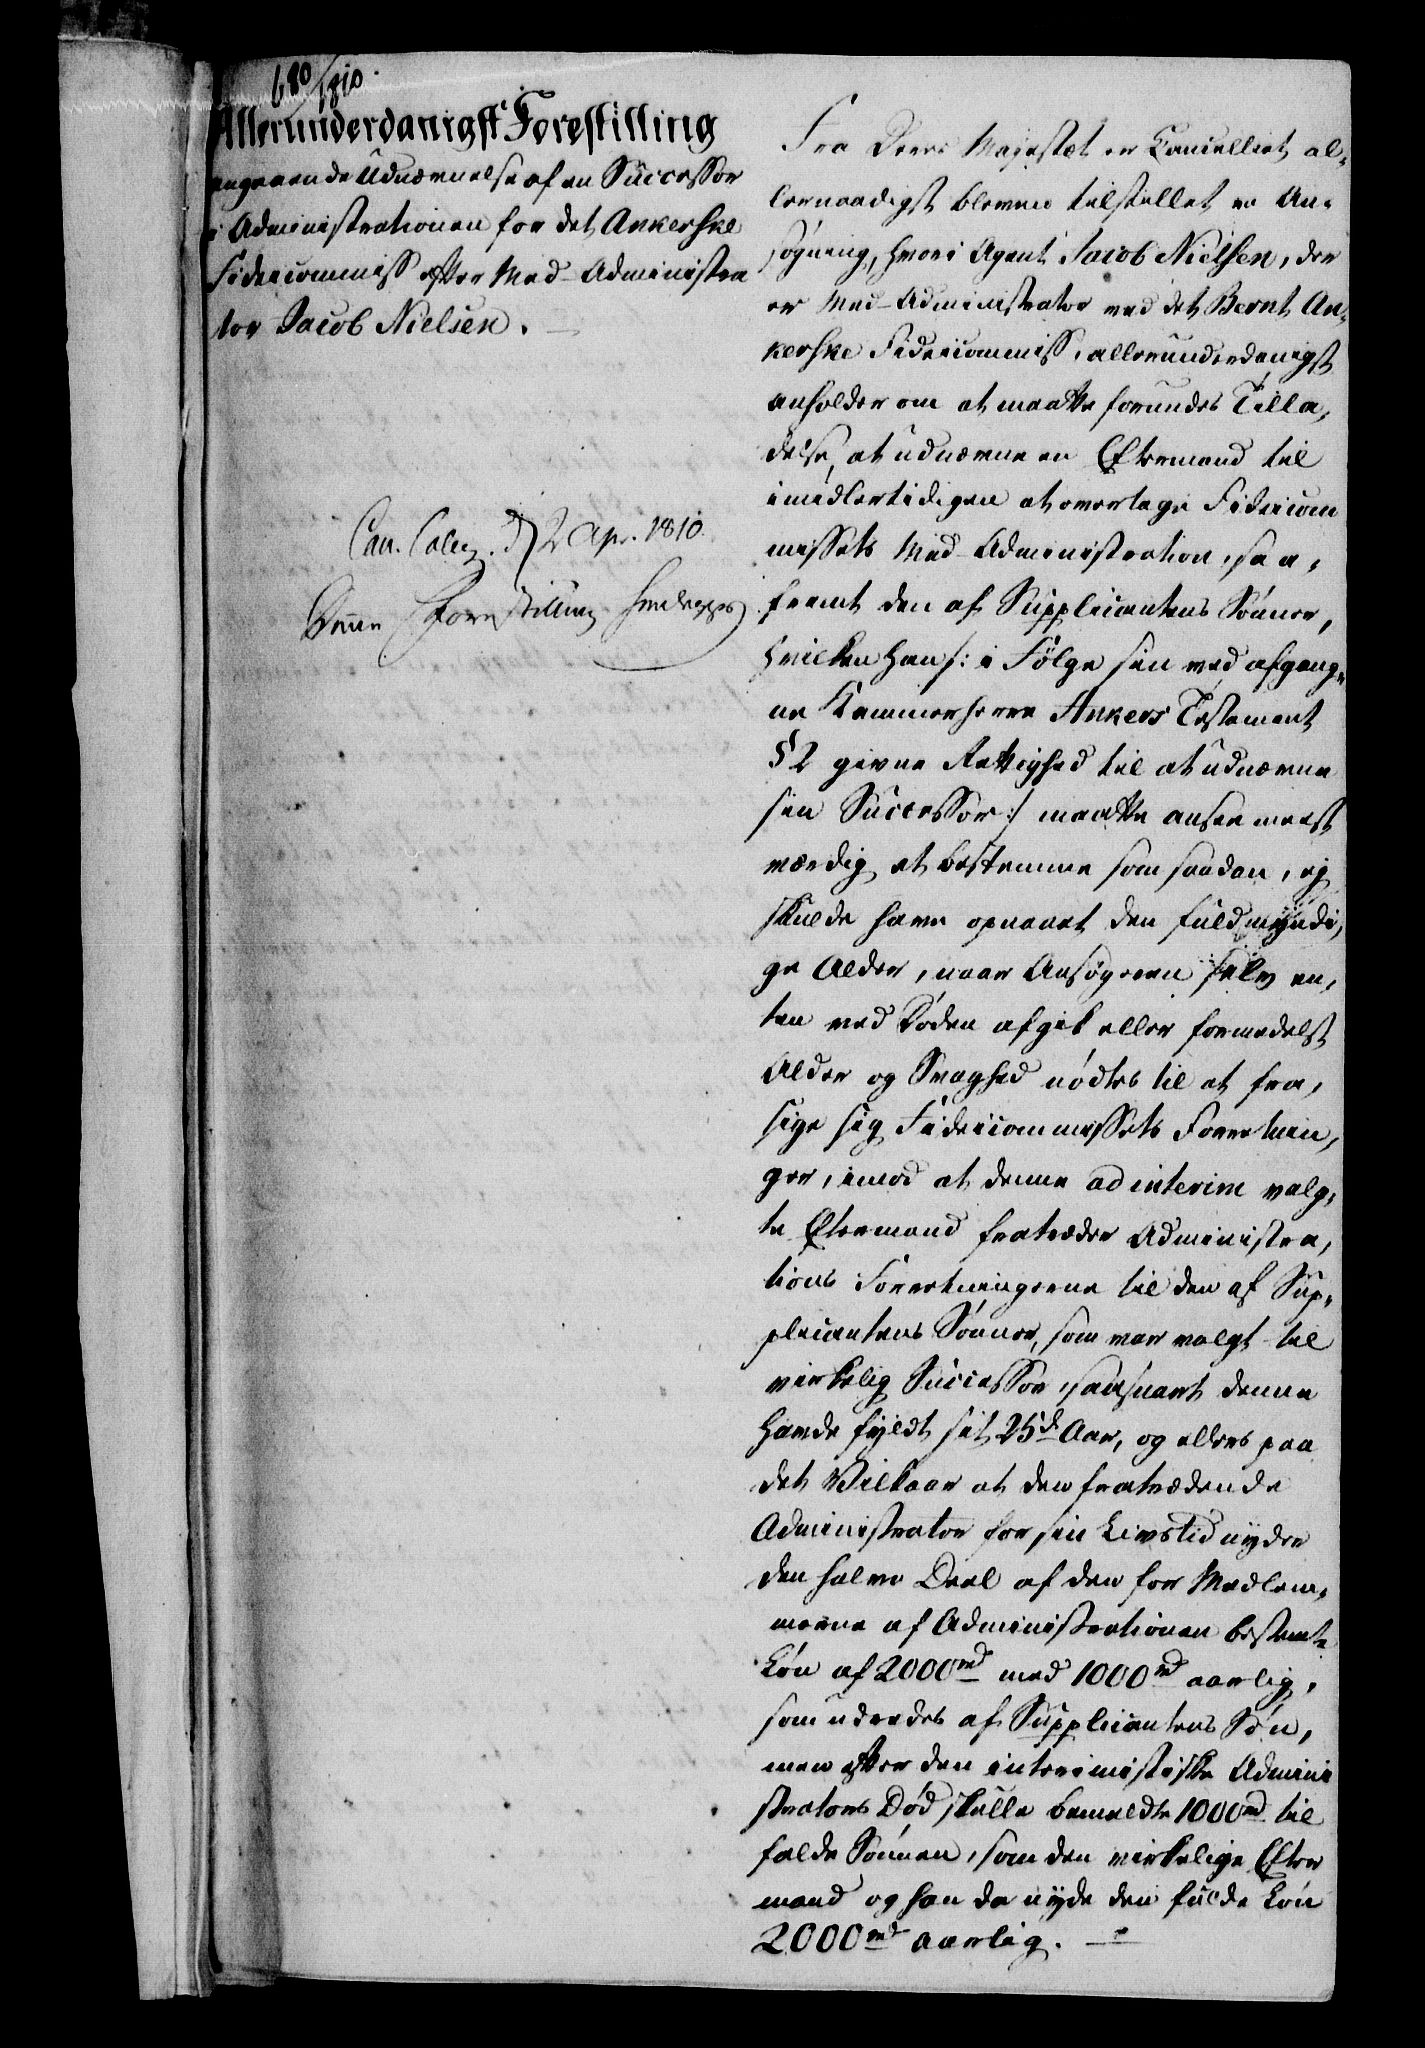 RA, Danske Kanselli 1800-1814, H/Hf/Hfa/Hfab/L0011: Forestillinger, 1810, s. 1a